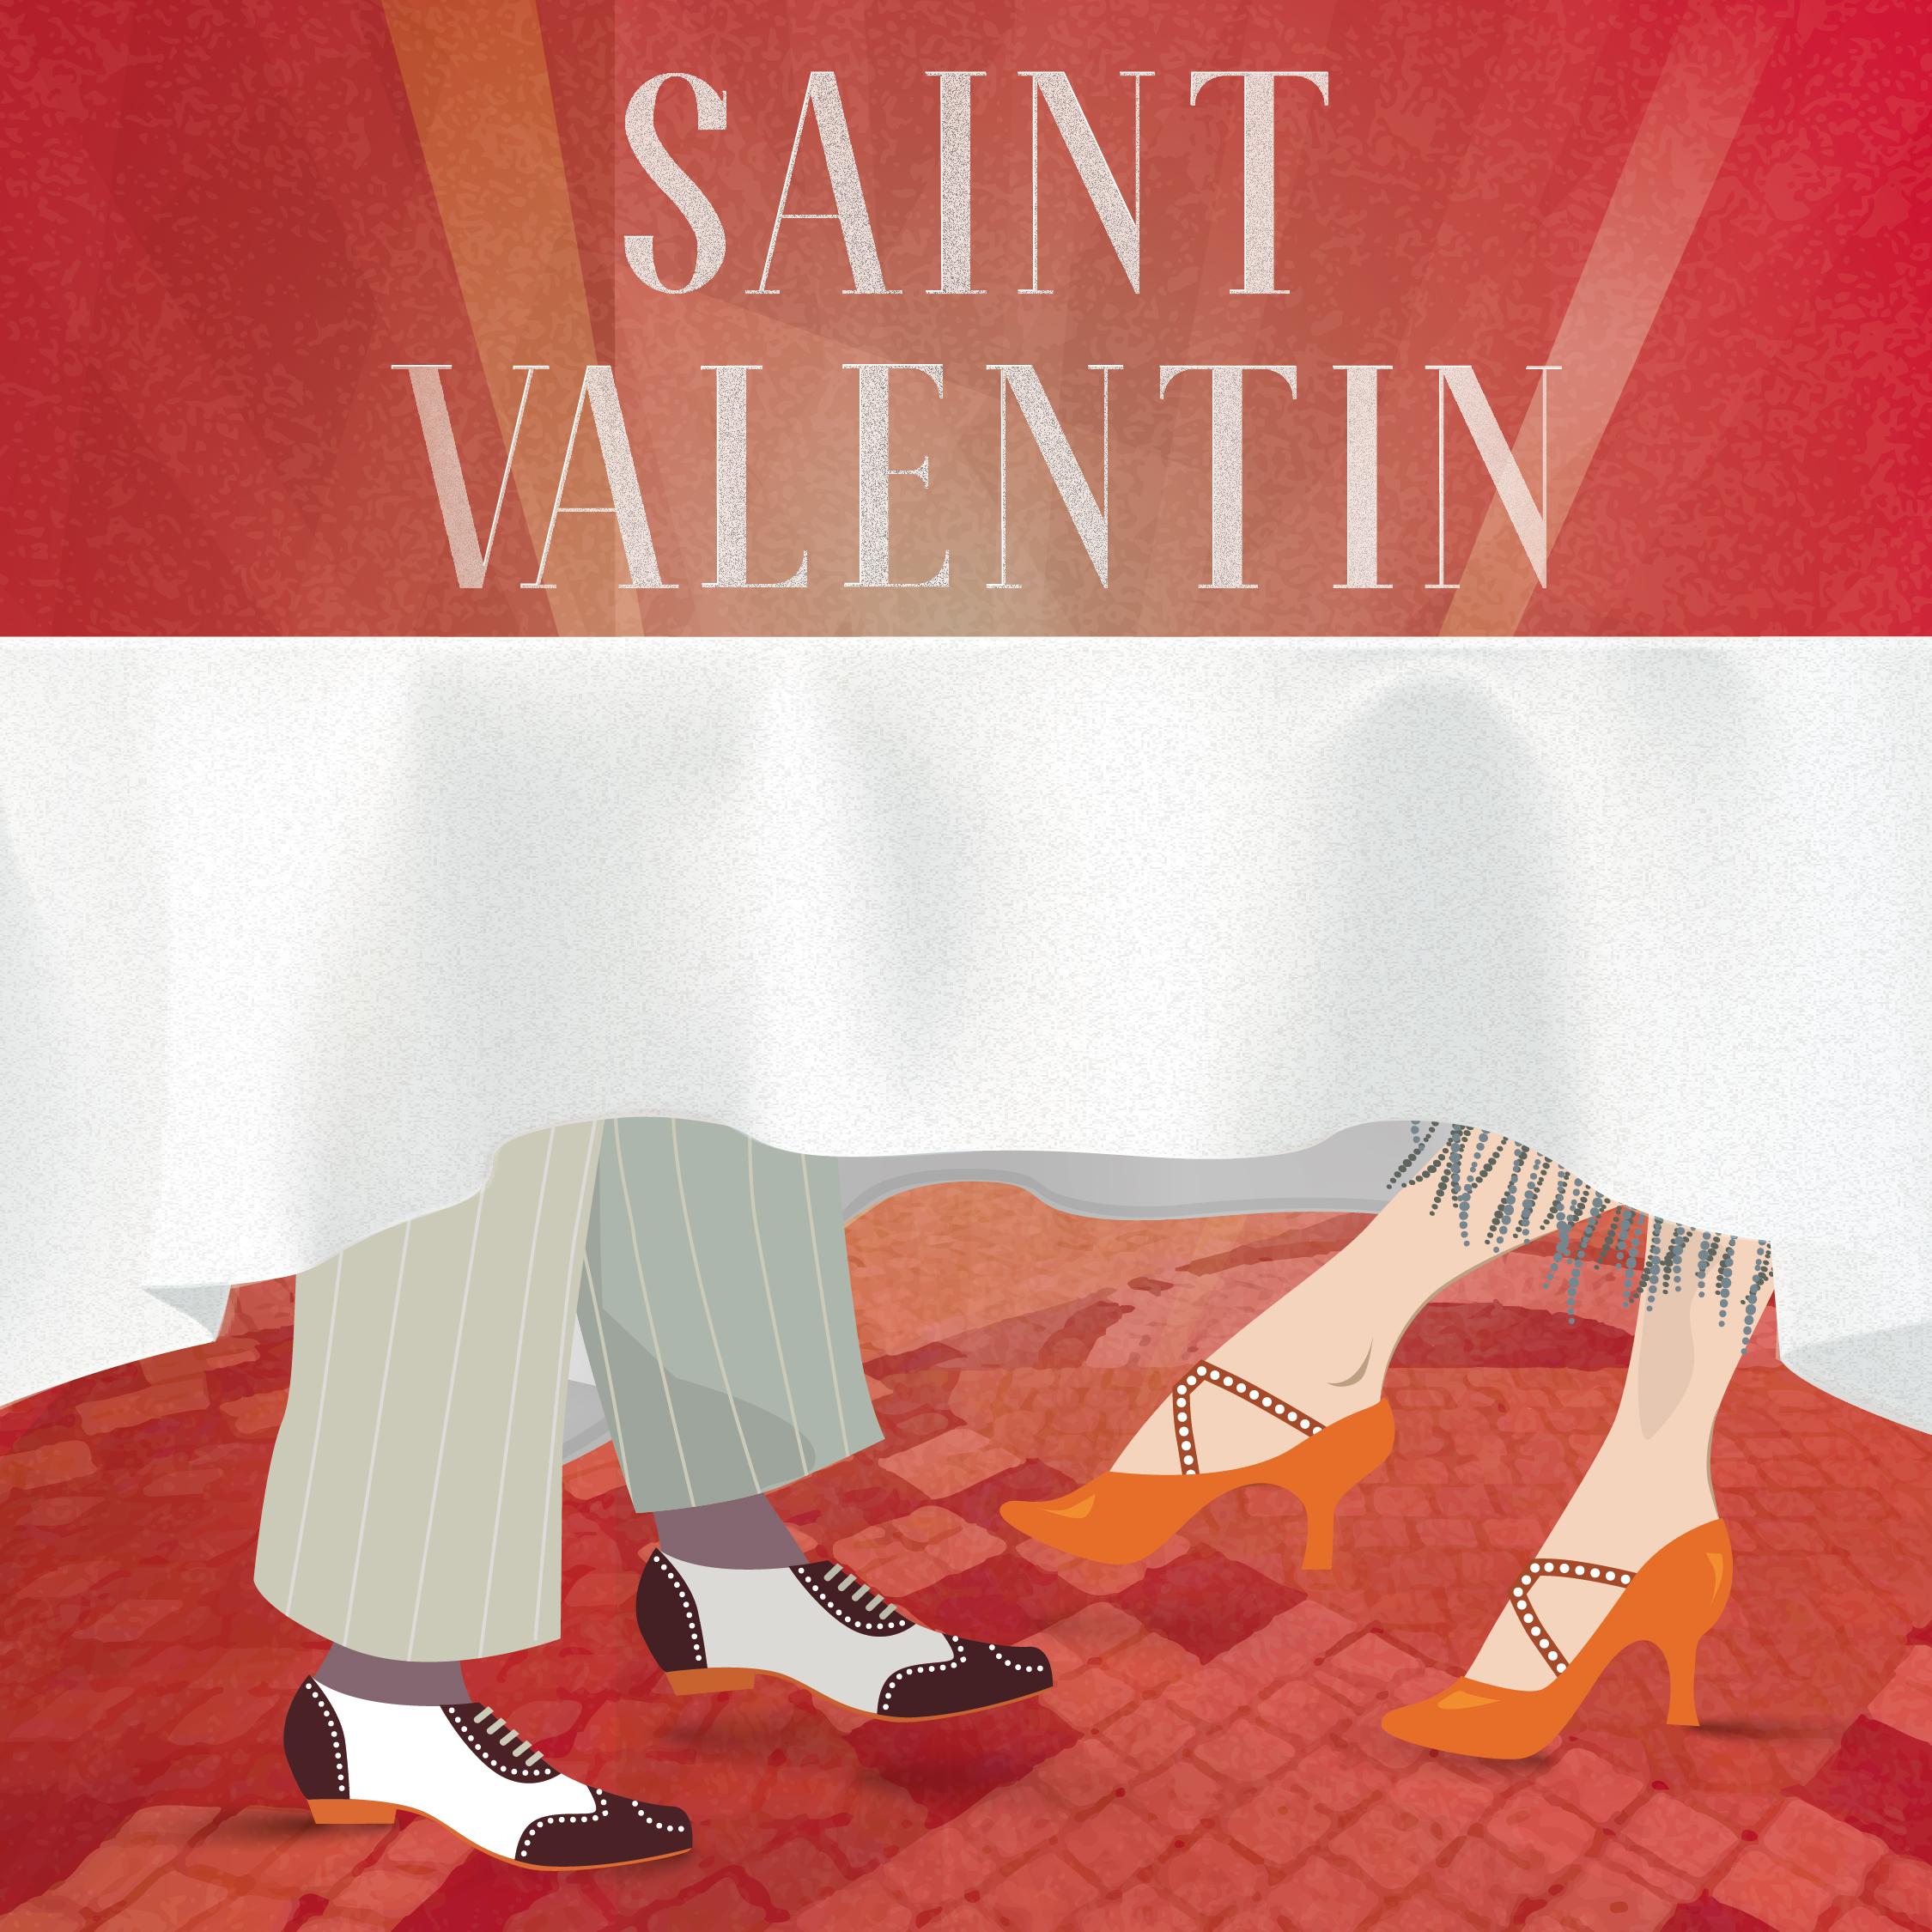 La Saint Valentin à La Coupole